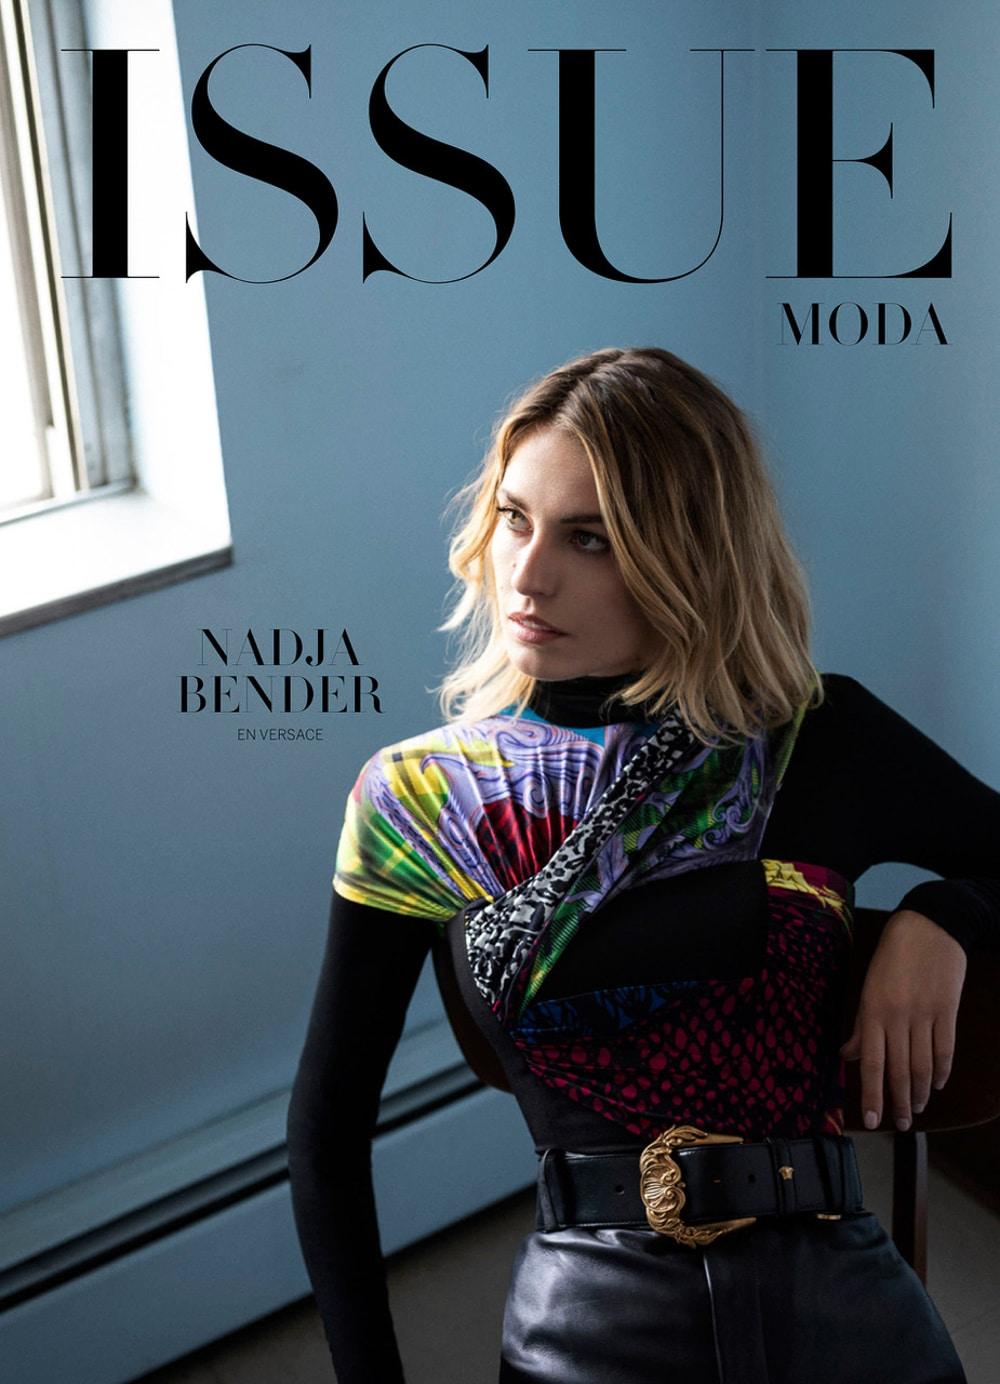 Nadja-Bender-Issue-Magazine-Juankr-5.jpg